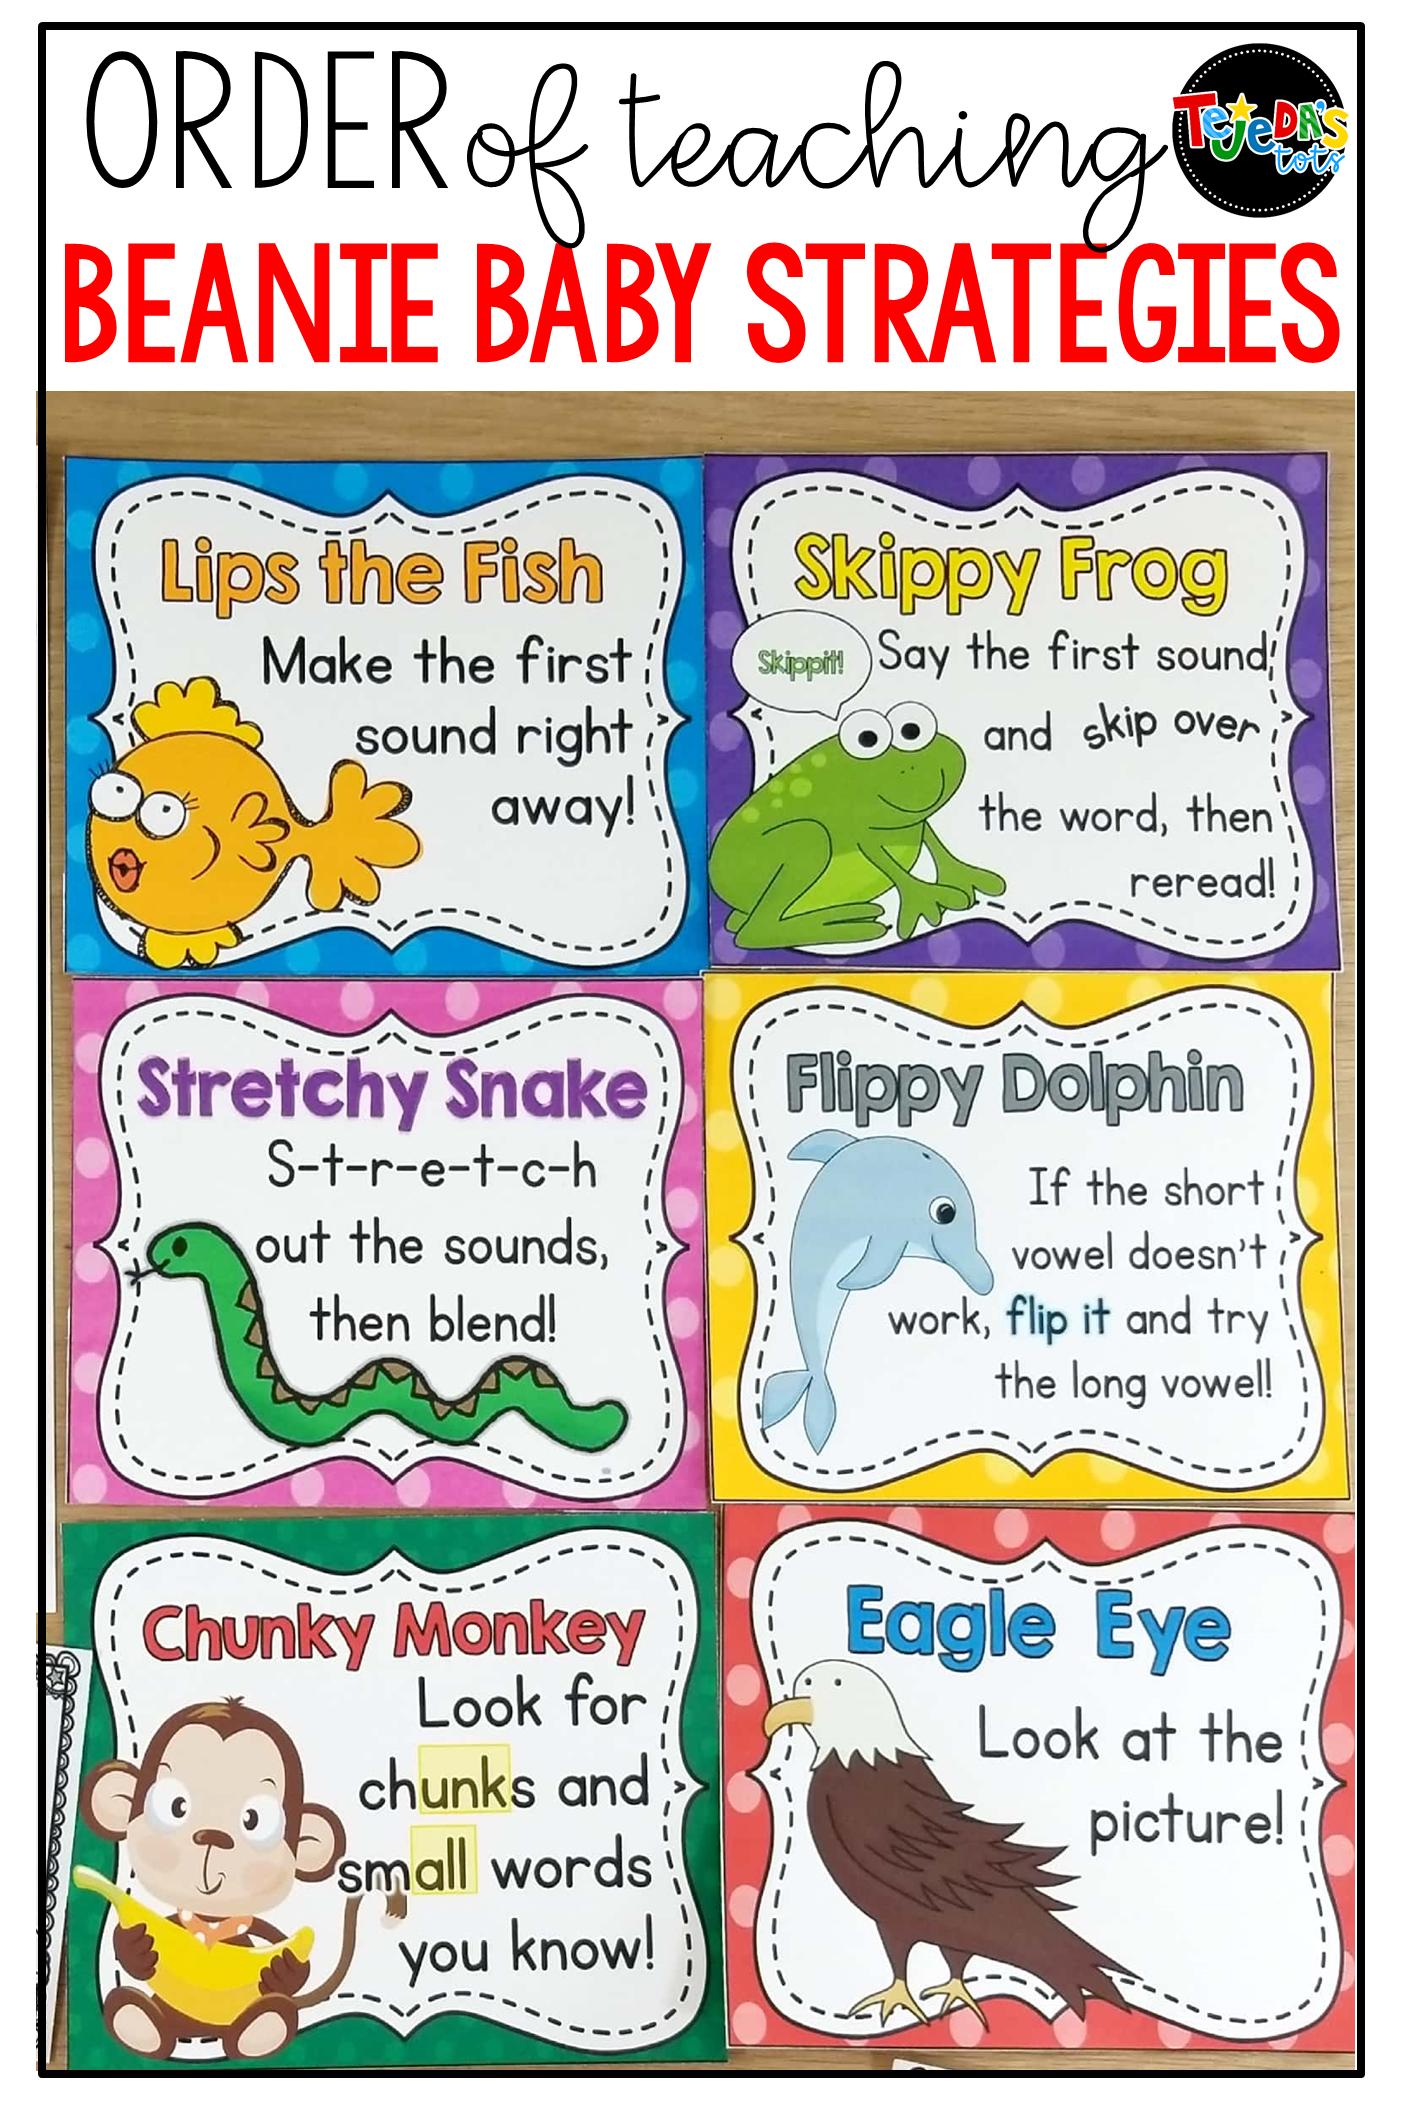 Order Of Teaching Beanie Baby Strategies